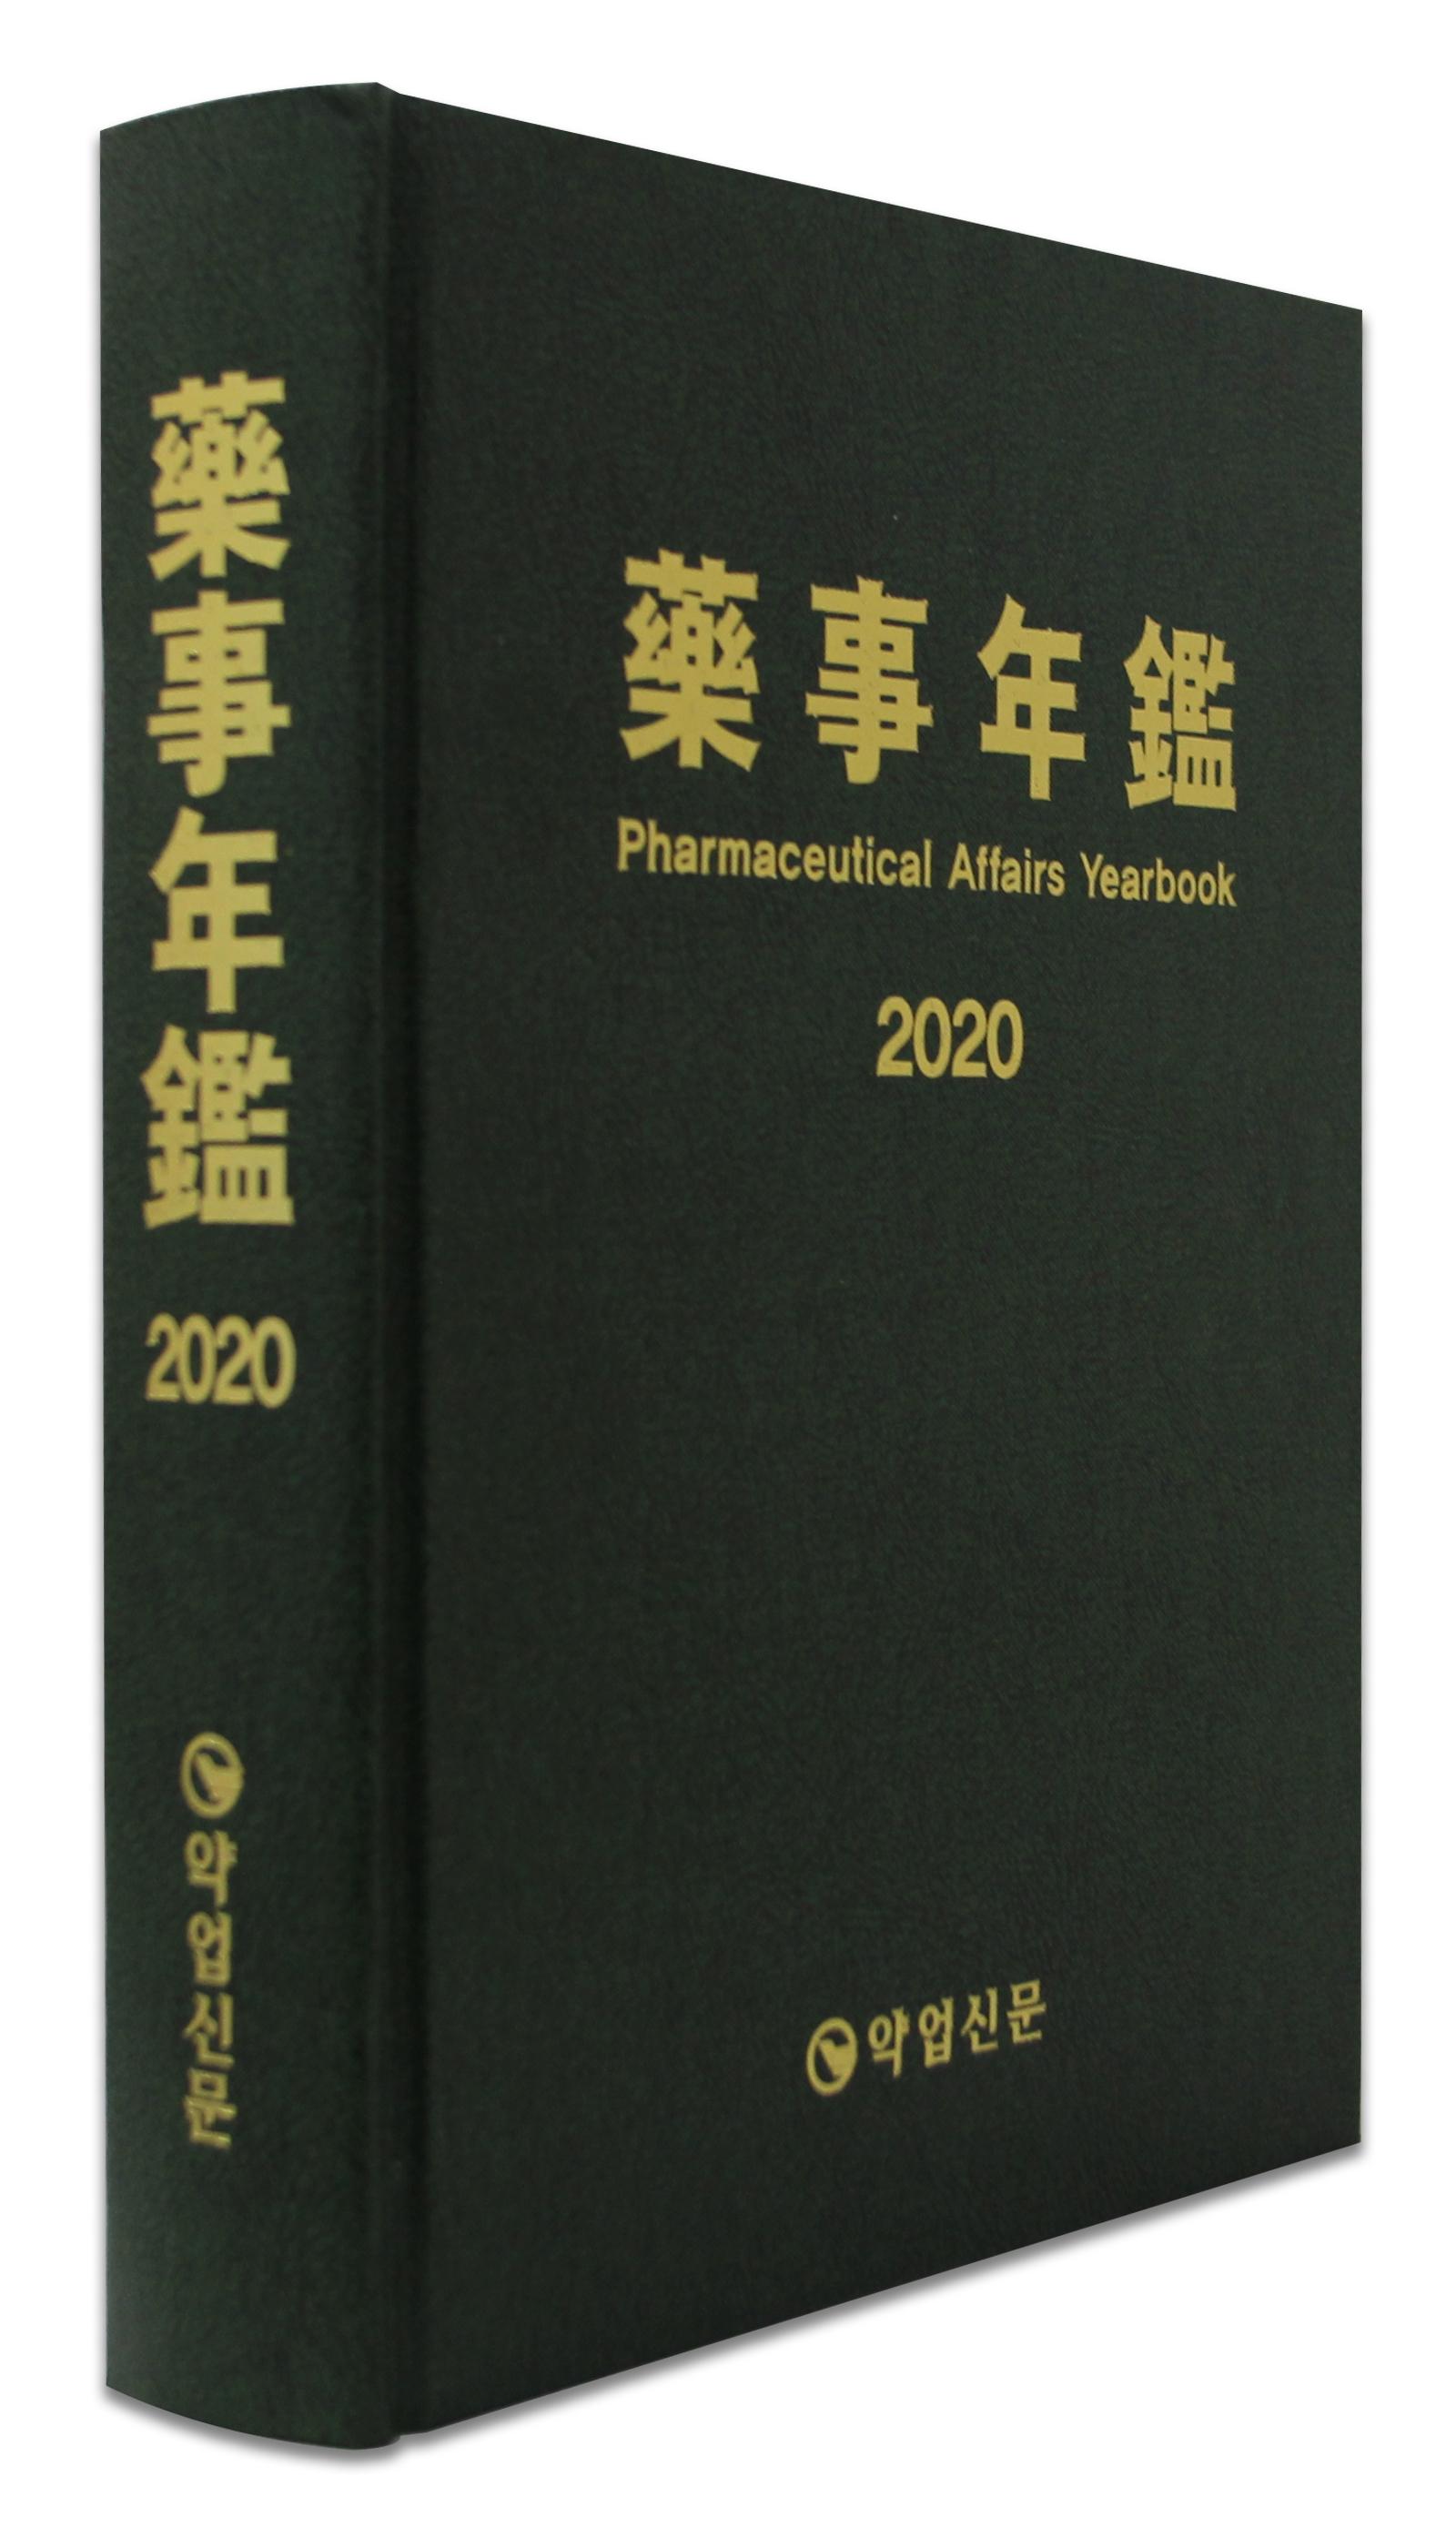 2020년판 약사연감 (藥事年鑑)